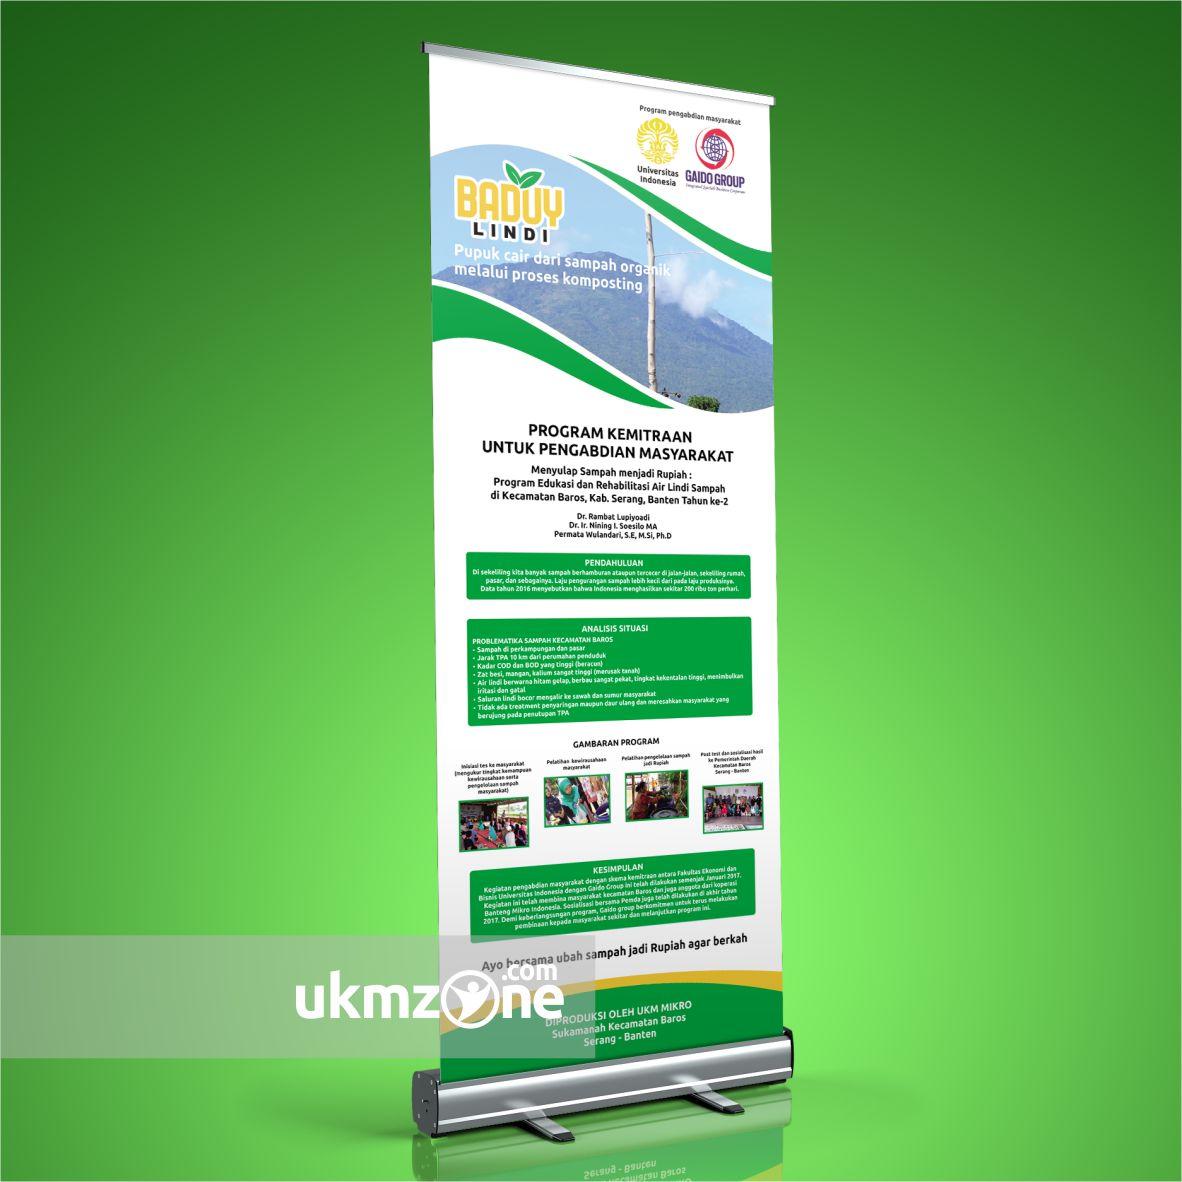 Desain roll banner untuk Universitas Indonesia & Gaido Group program pengabdian masyarakat